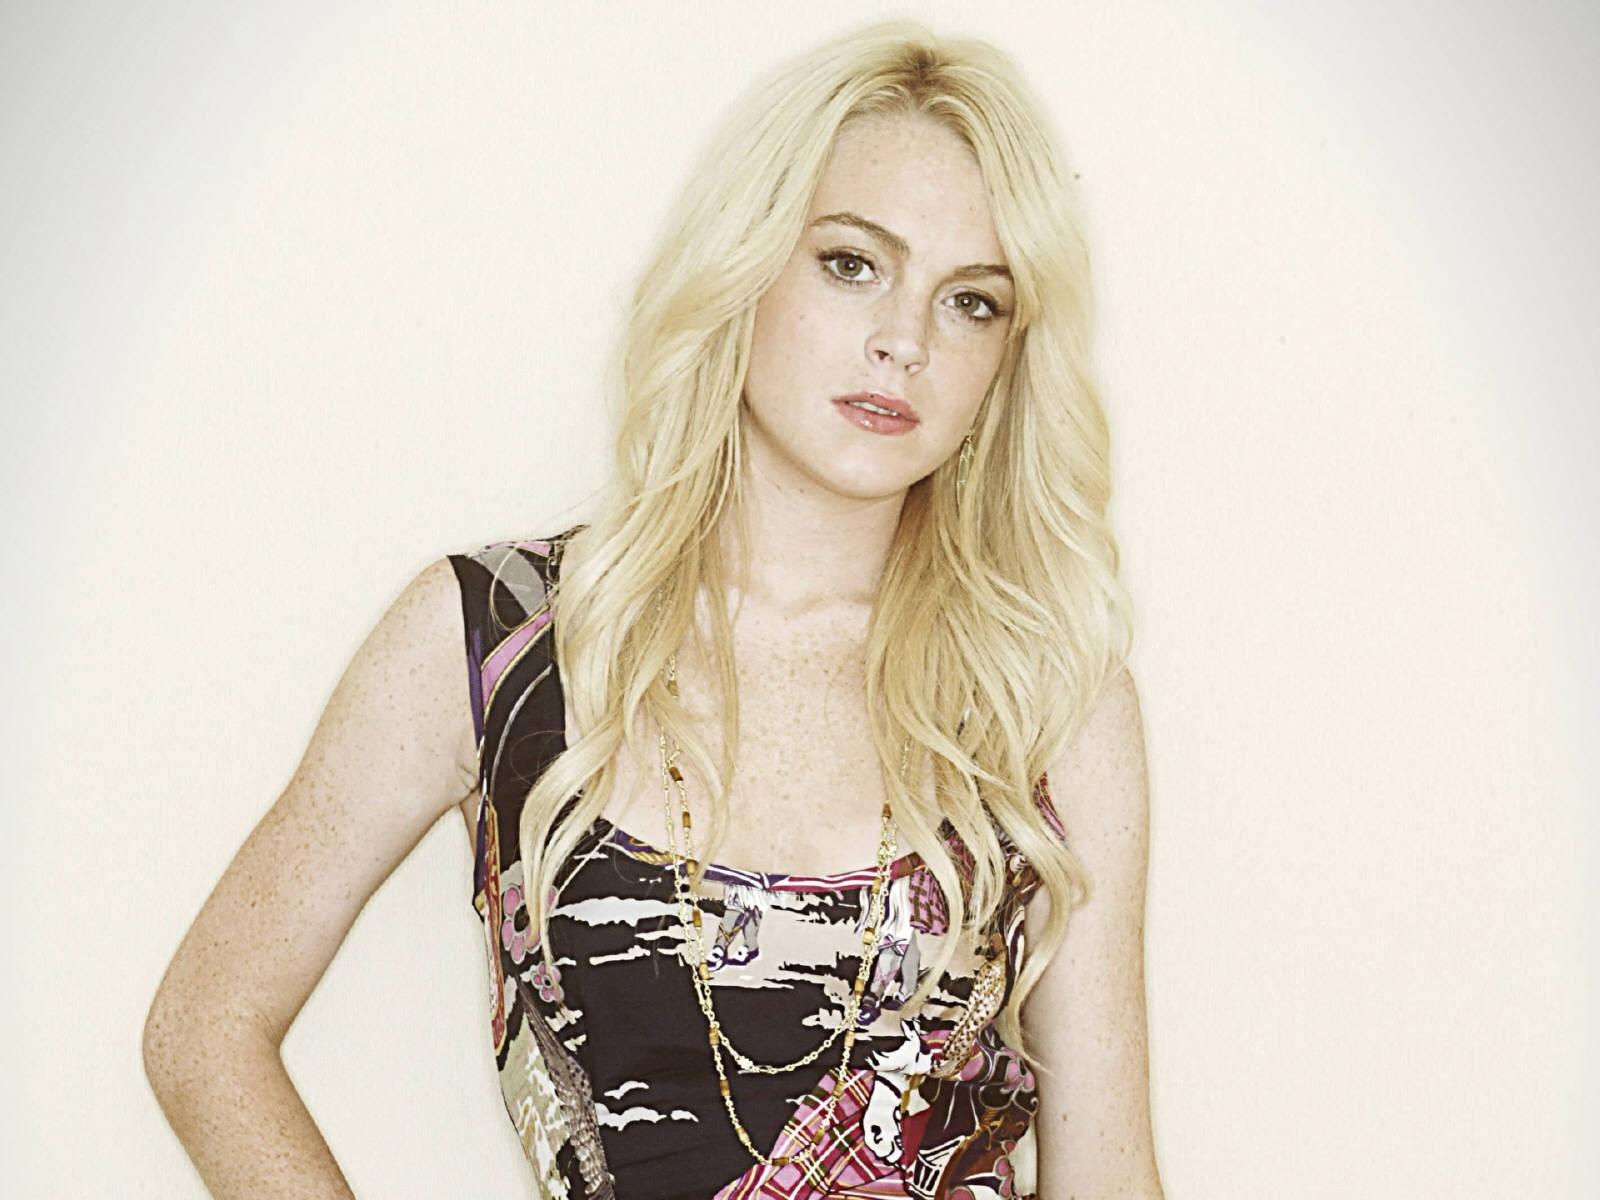 Wallpaper di Lindsay Lohan, stavolta bionda platino